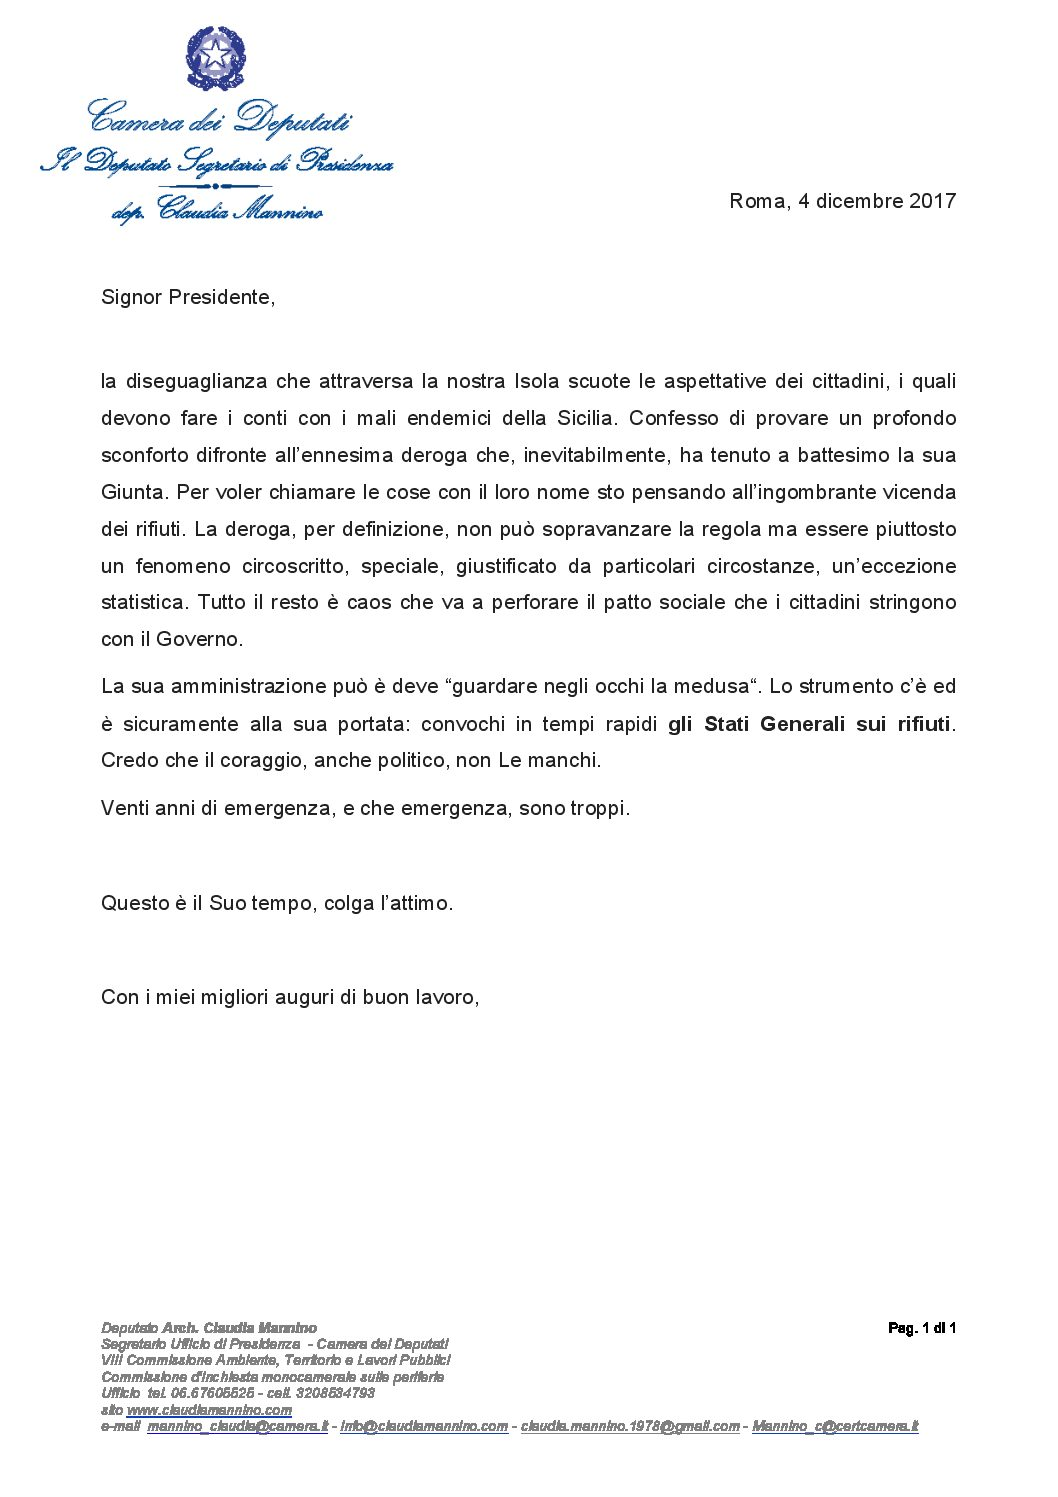 Lettera al Presidente Musumeci: Bisogna convocare gli Stati Generali dei Rifiuti in Sicilia